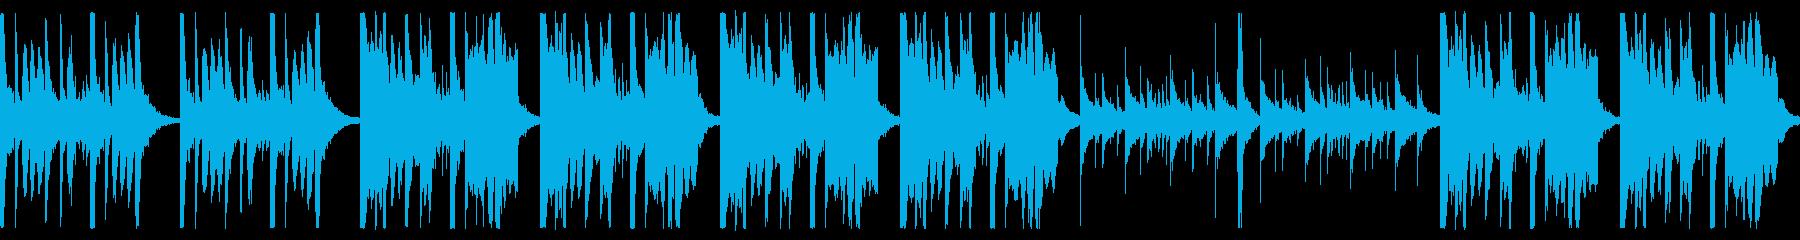 大きいゆるキャラの行進曲 ループ仕様の再生済みの波形